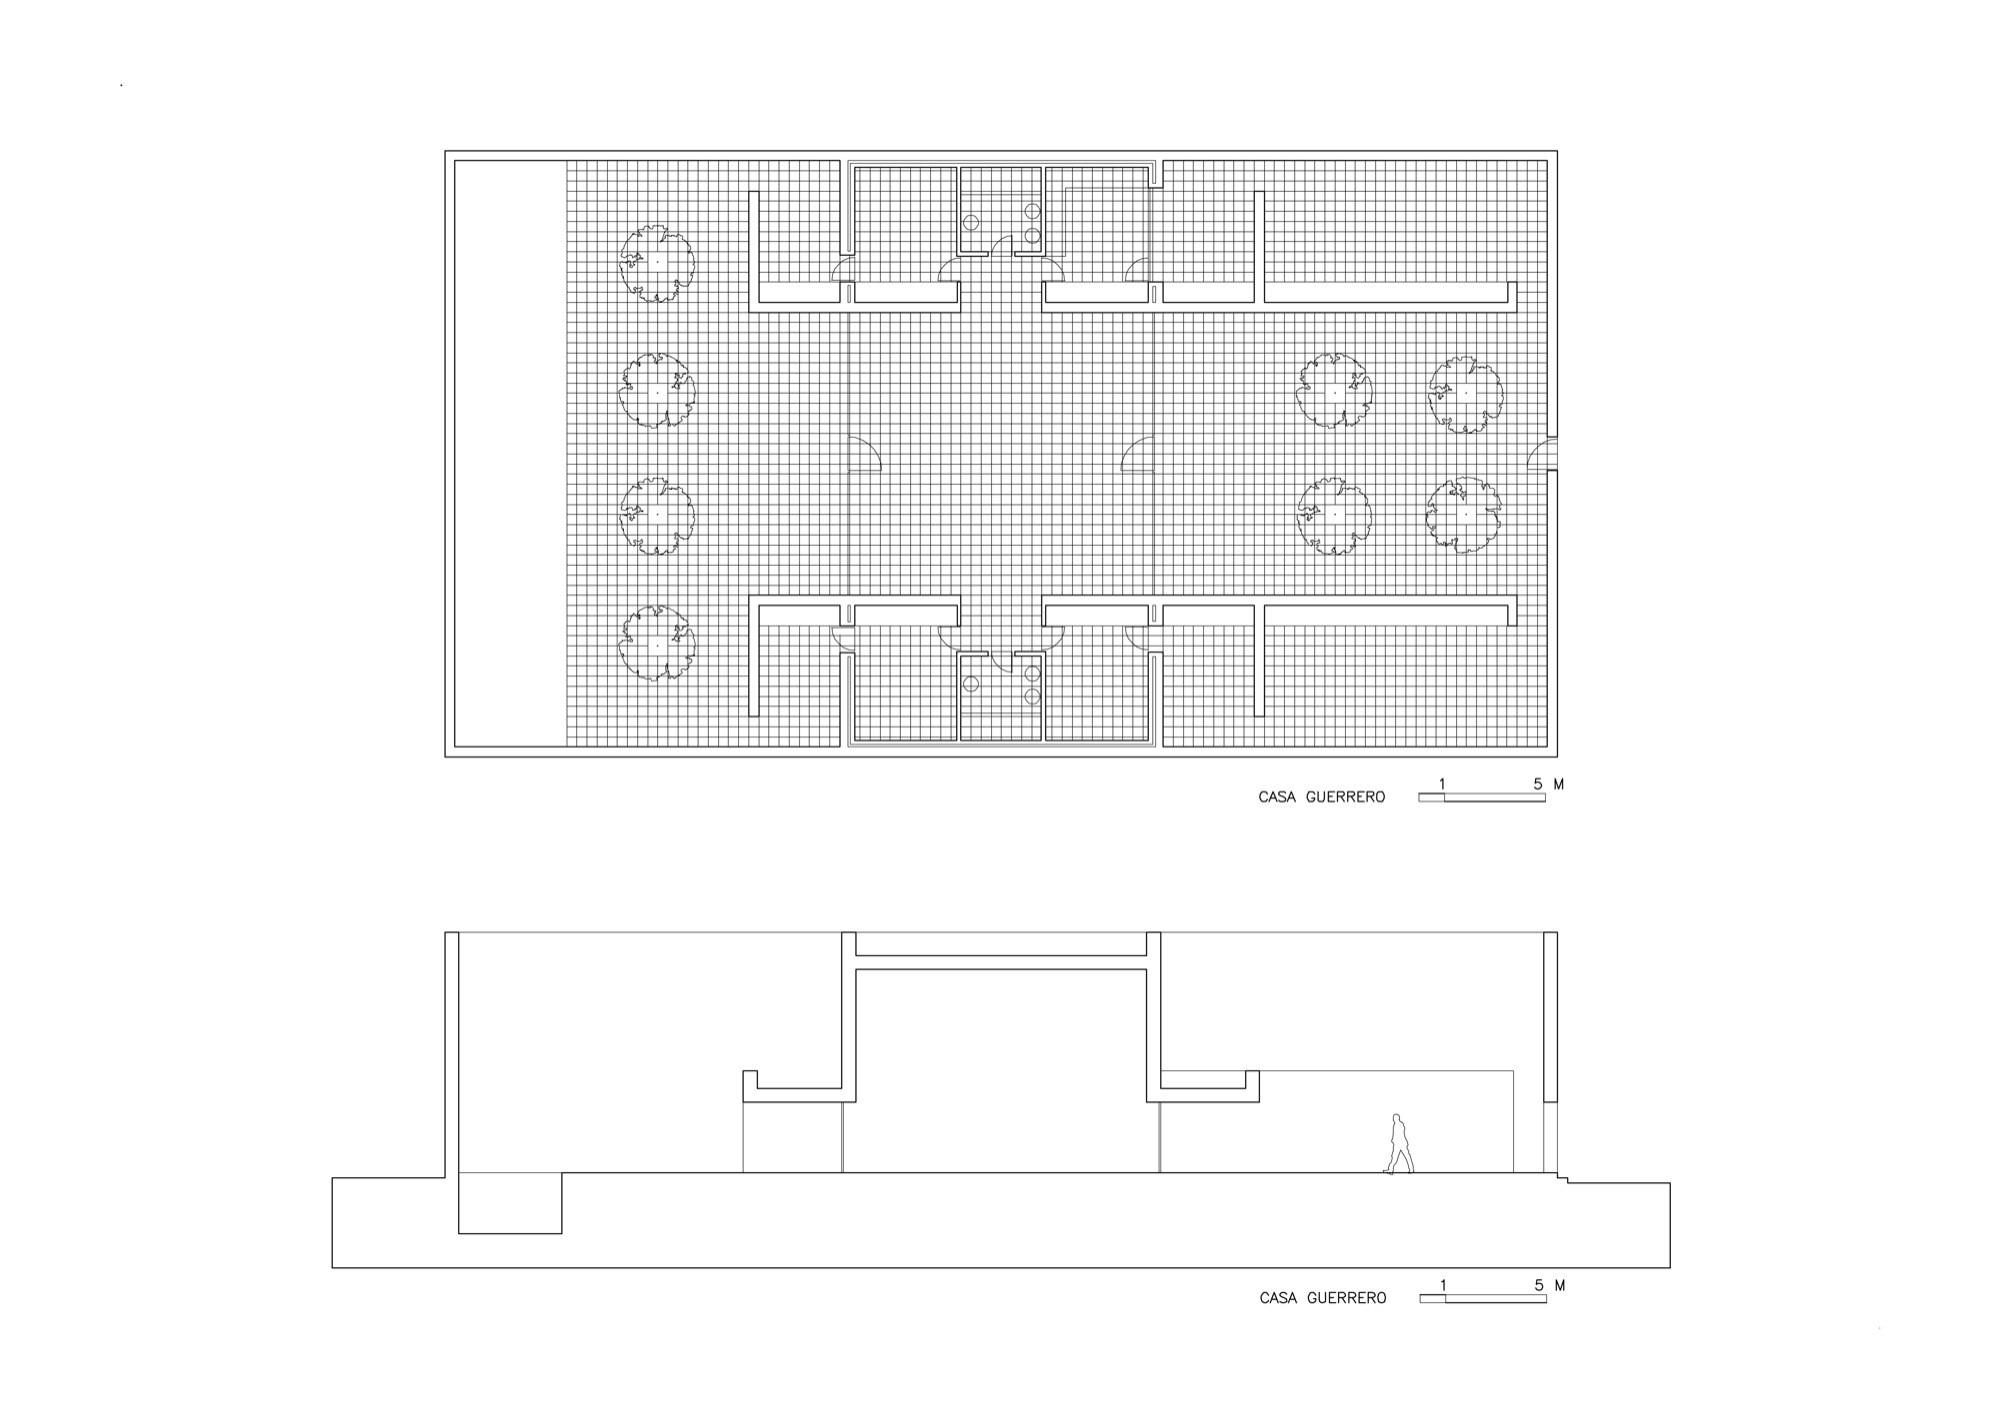 Section 5 >> Gallery of Guerrero House / Alberto Campo Baeza - 11